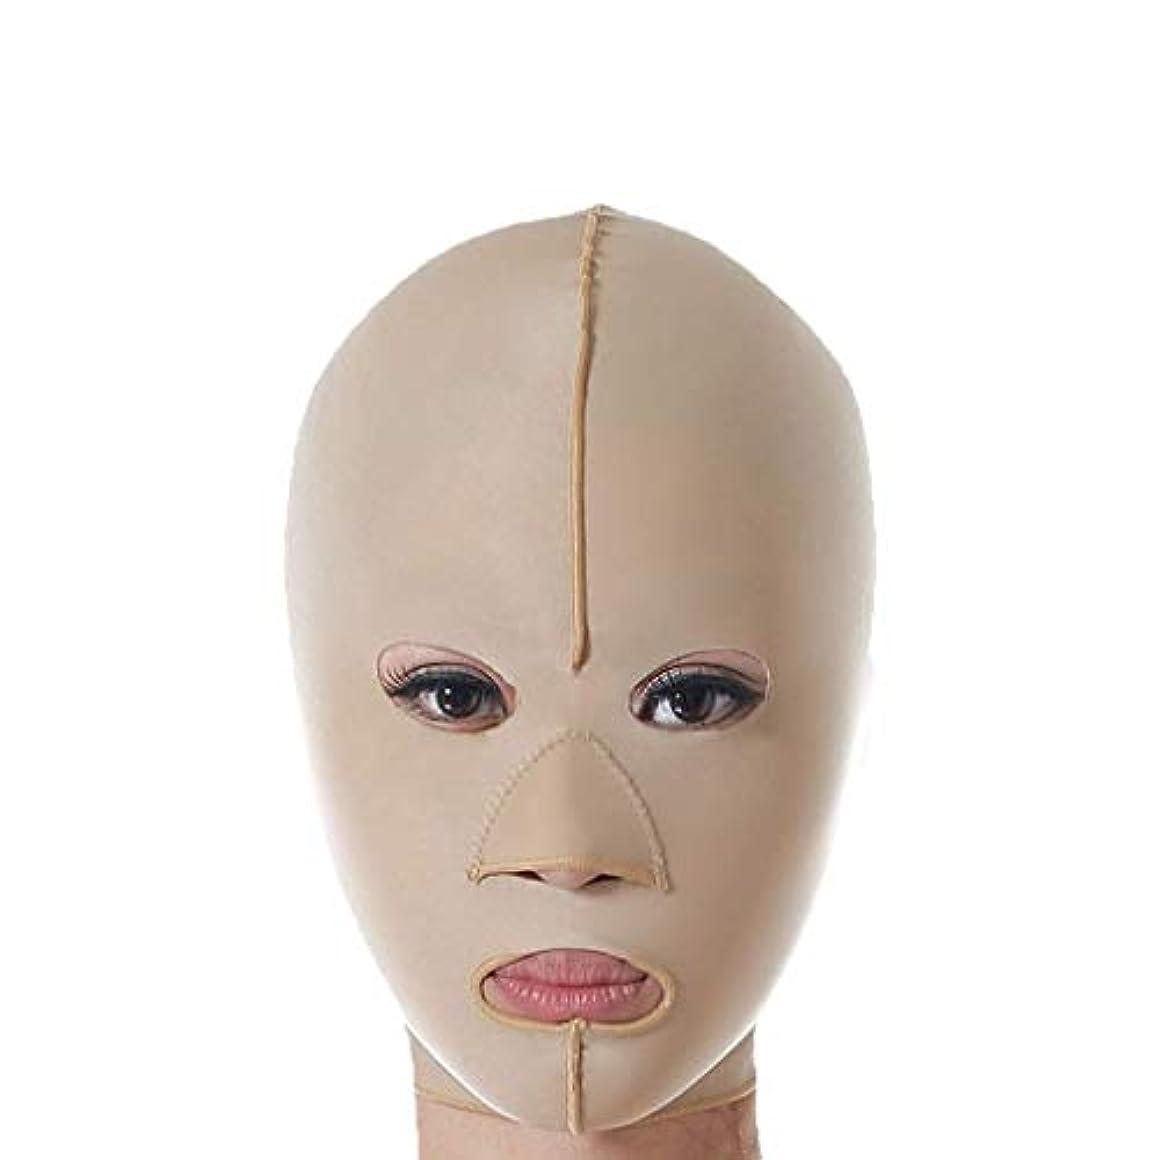 キリマンジャロネックレス付録減量フェイスマスク、リフティング包帯、スリムフェイスリフトリフティングベルト、フェイシャル減量リフティング包帯、リフティングファーミング包帯(サイズ:XL),XL